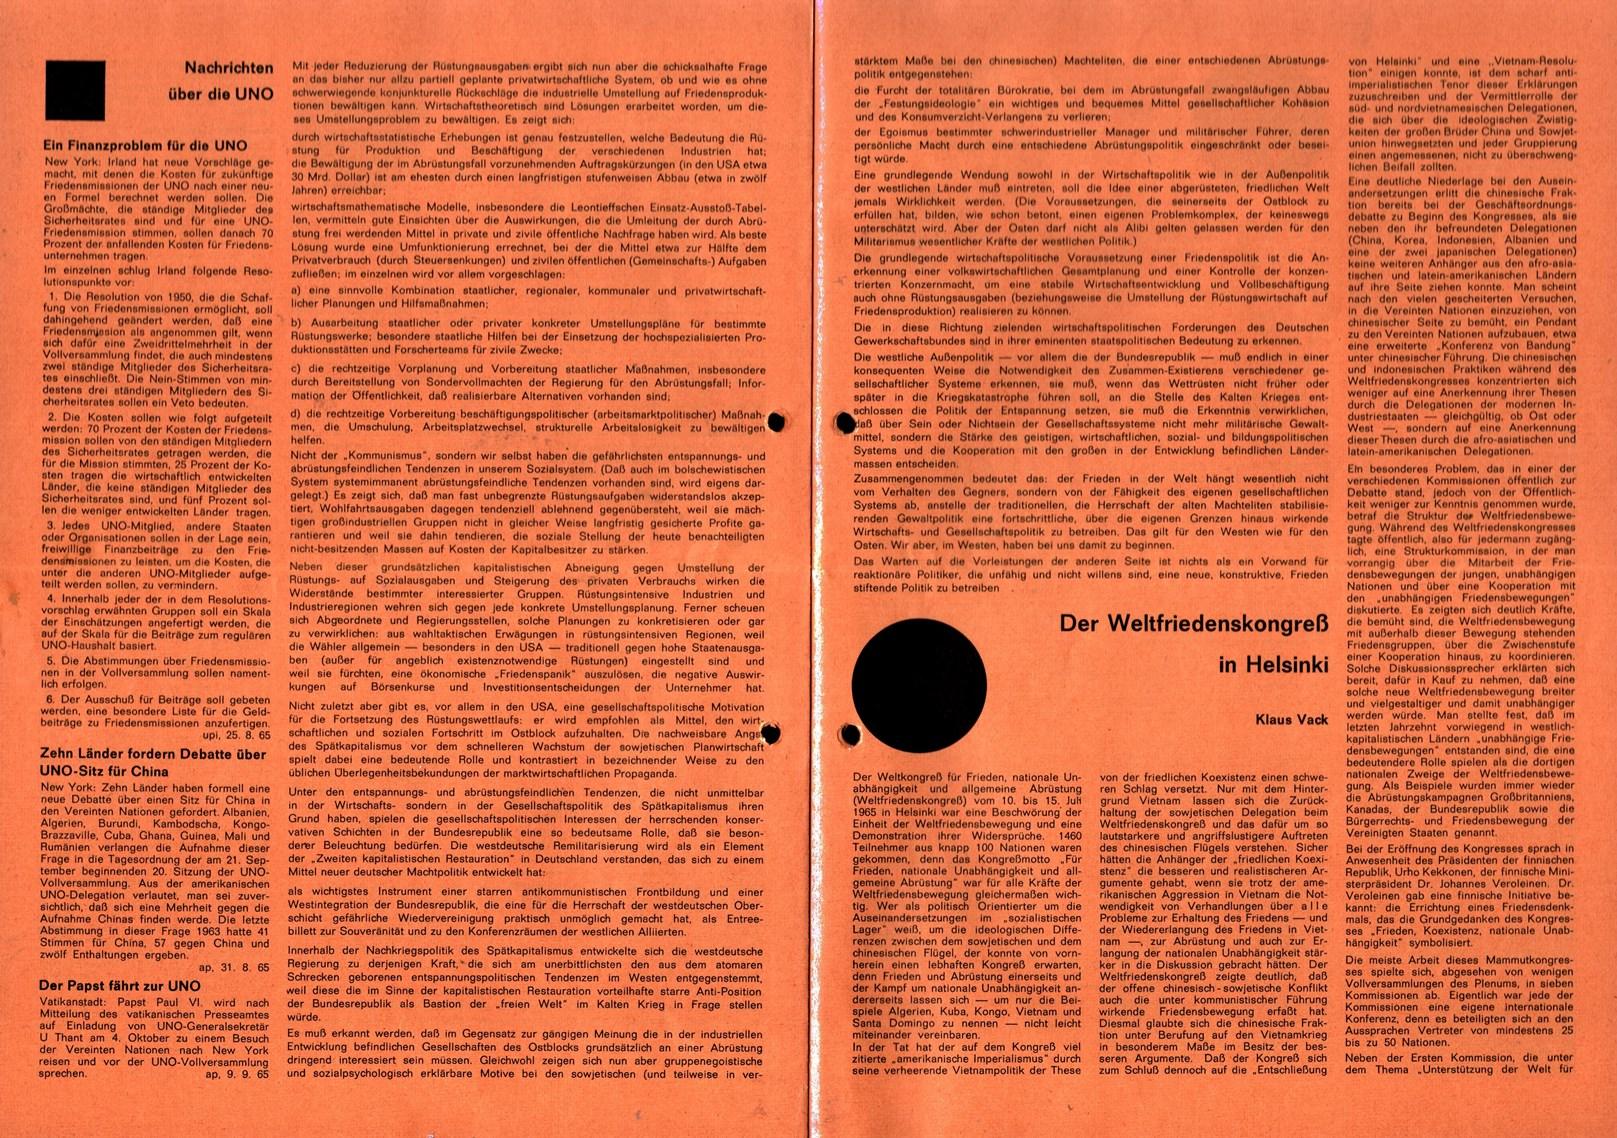 Infos_zur_Abruestung_1965_026_005